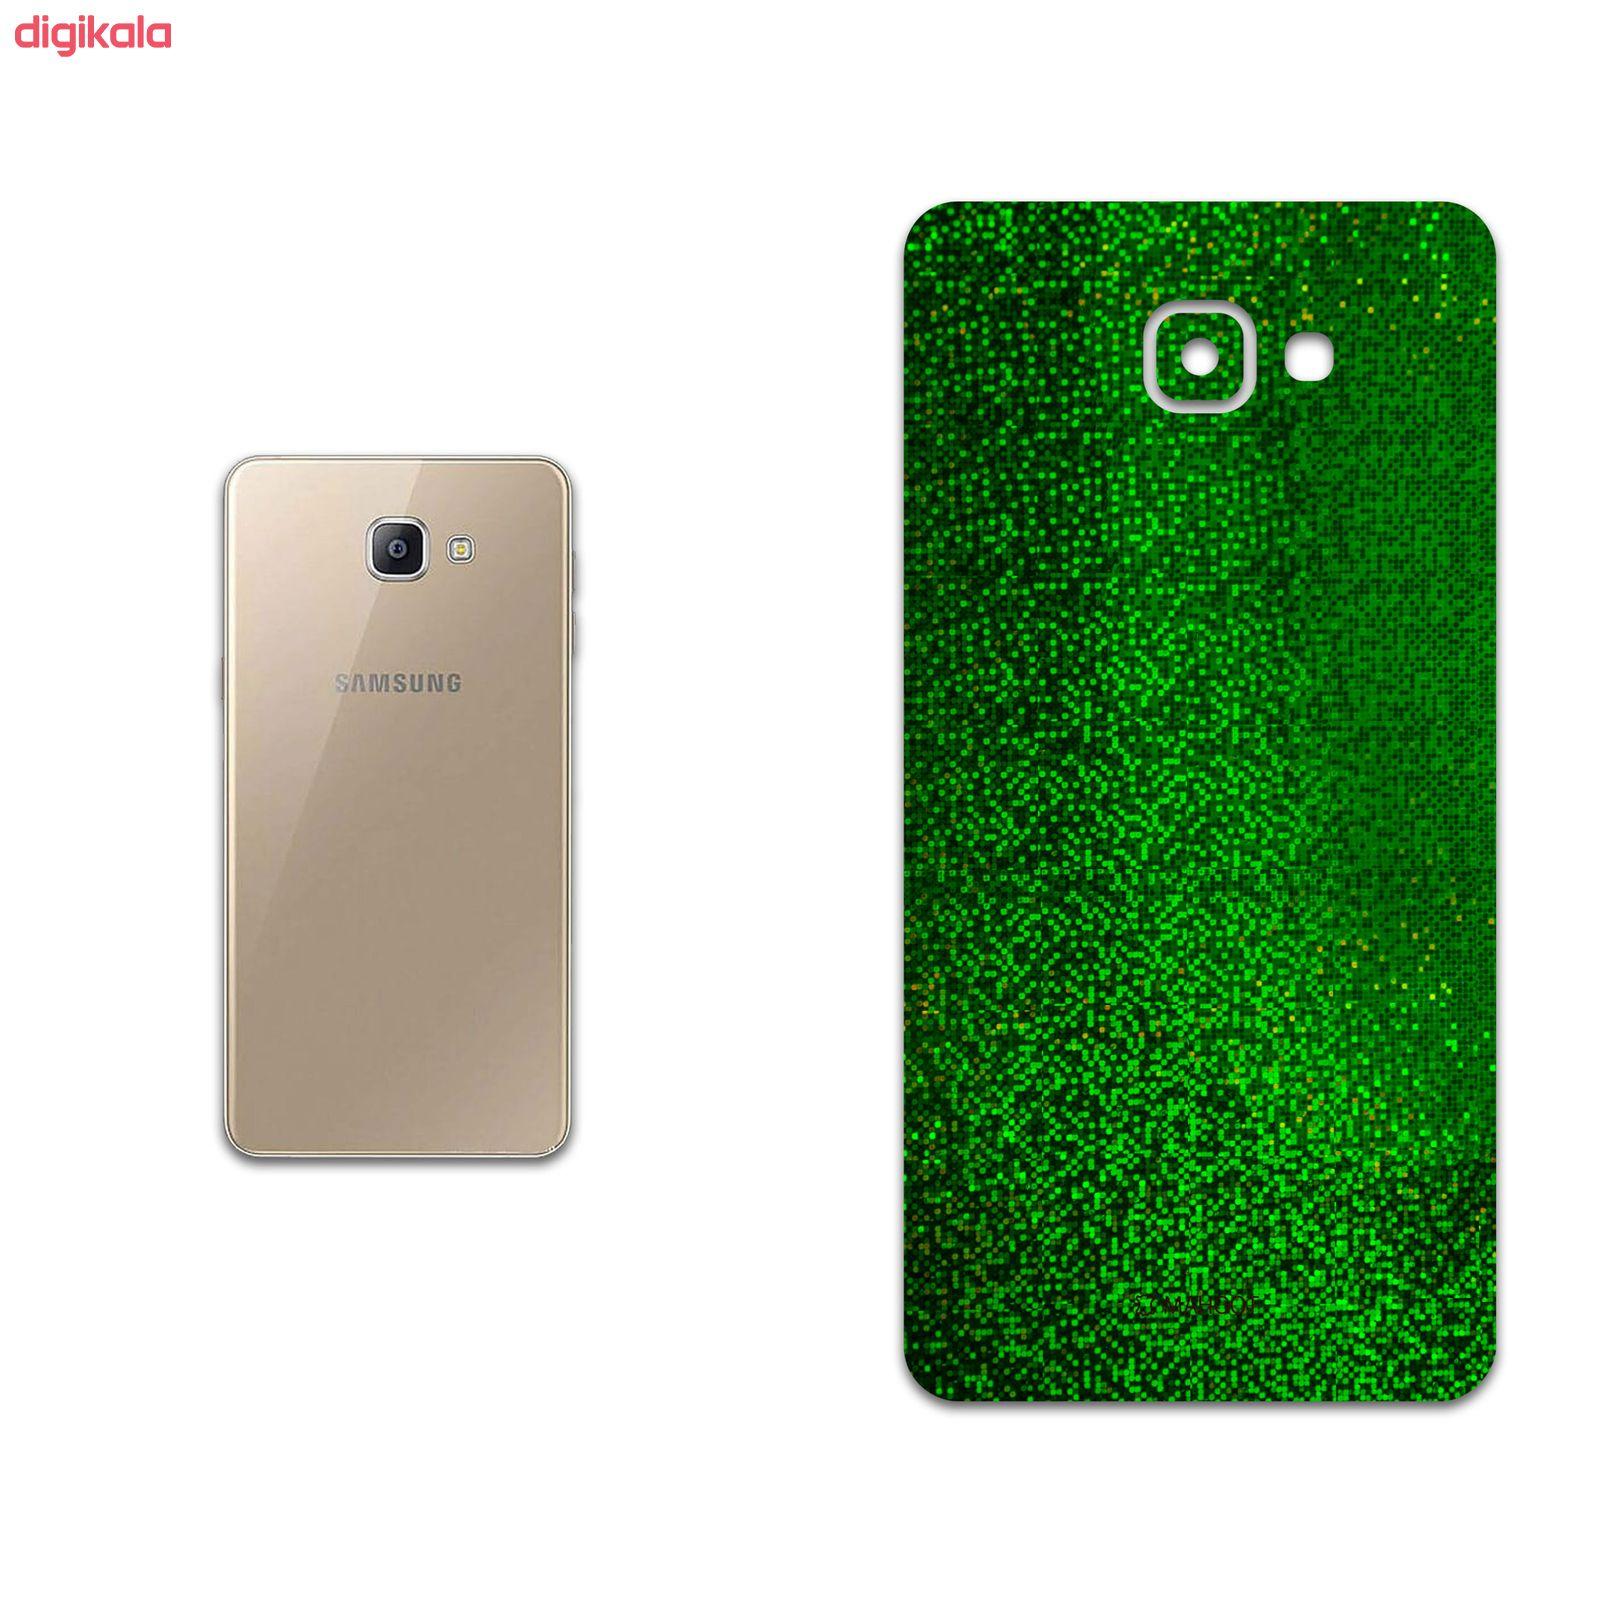 خرید اینترنتی با تخفیف ویژه برچسب پوششی ماهوت مدل Green-Holographic مناسب برای گوشی موبایل سامسونگ Galaxy A9 2016